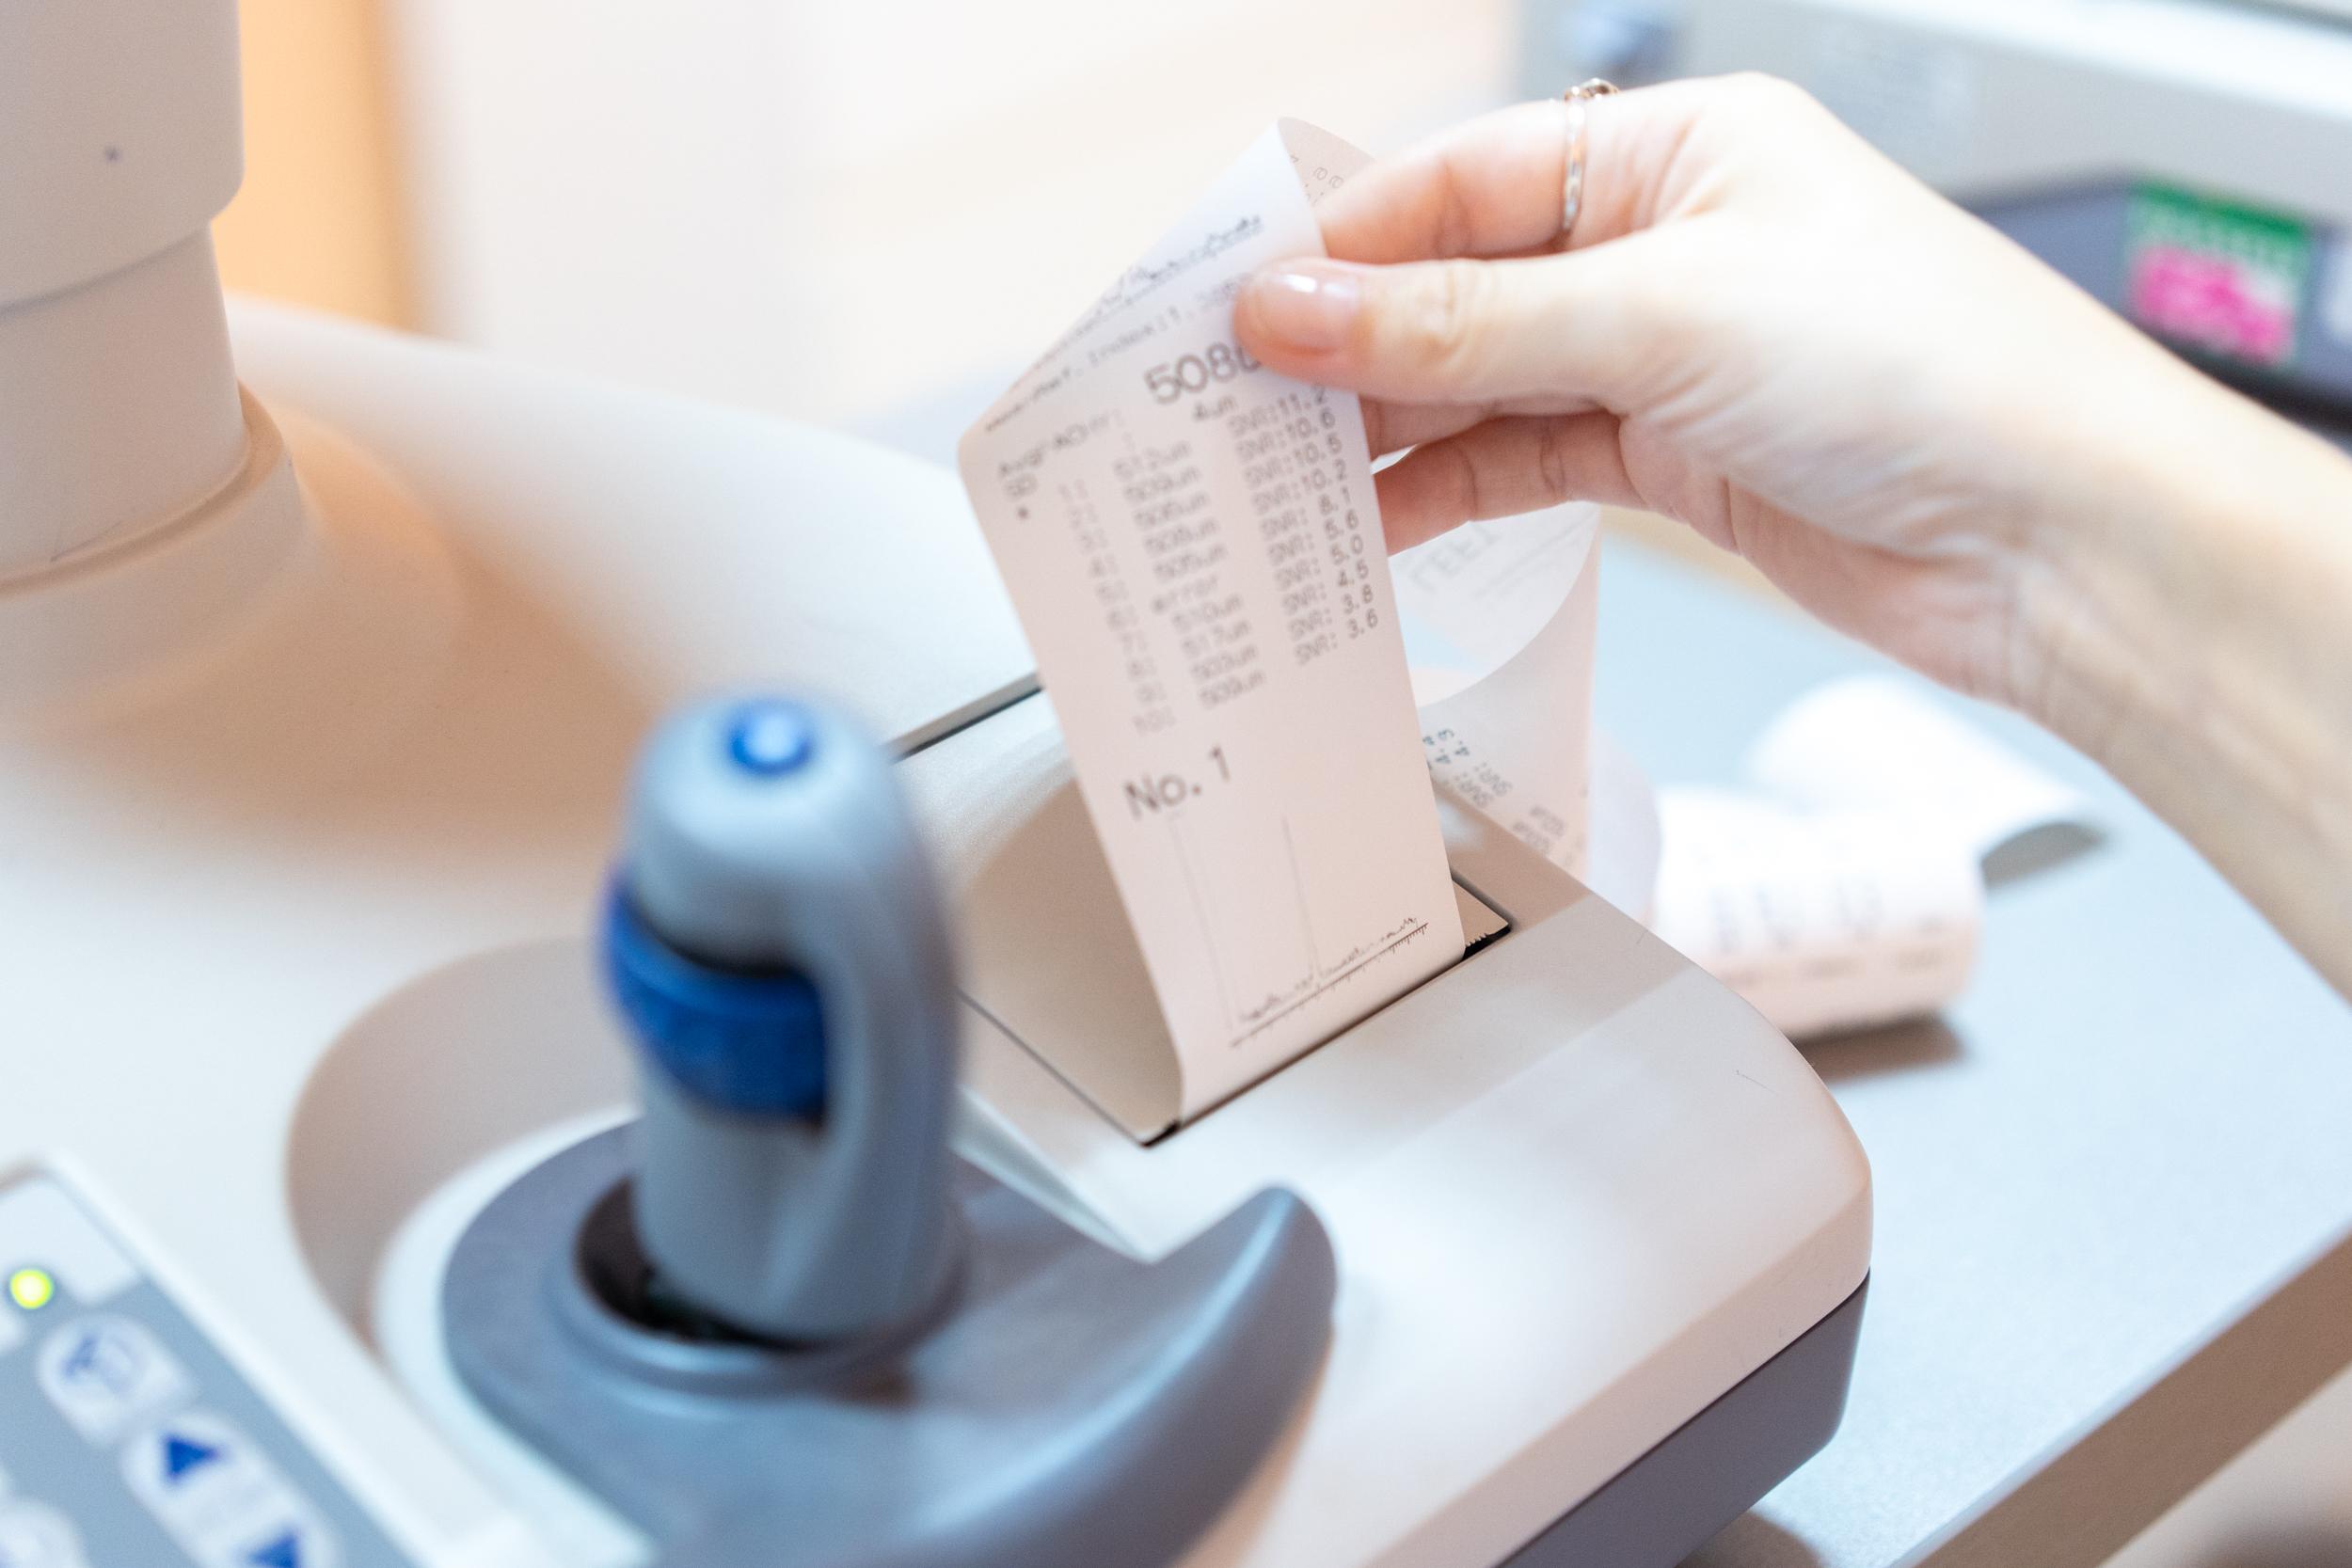 чек с показаниями из авторефрактометра